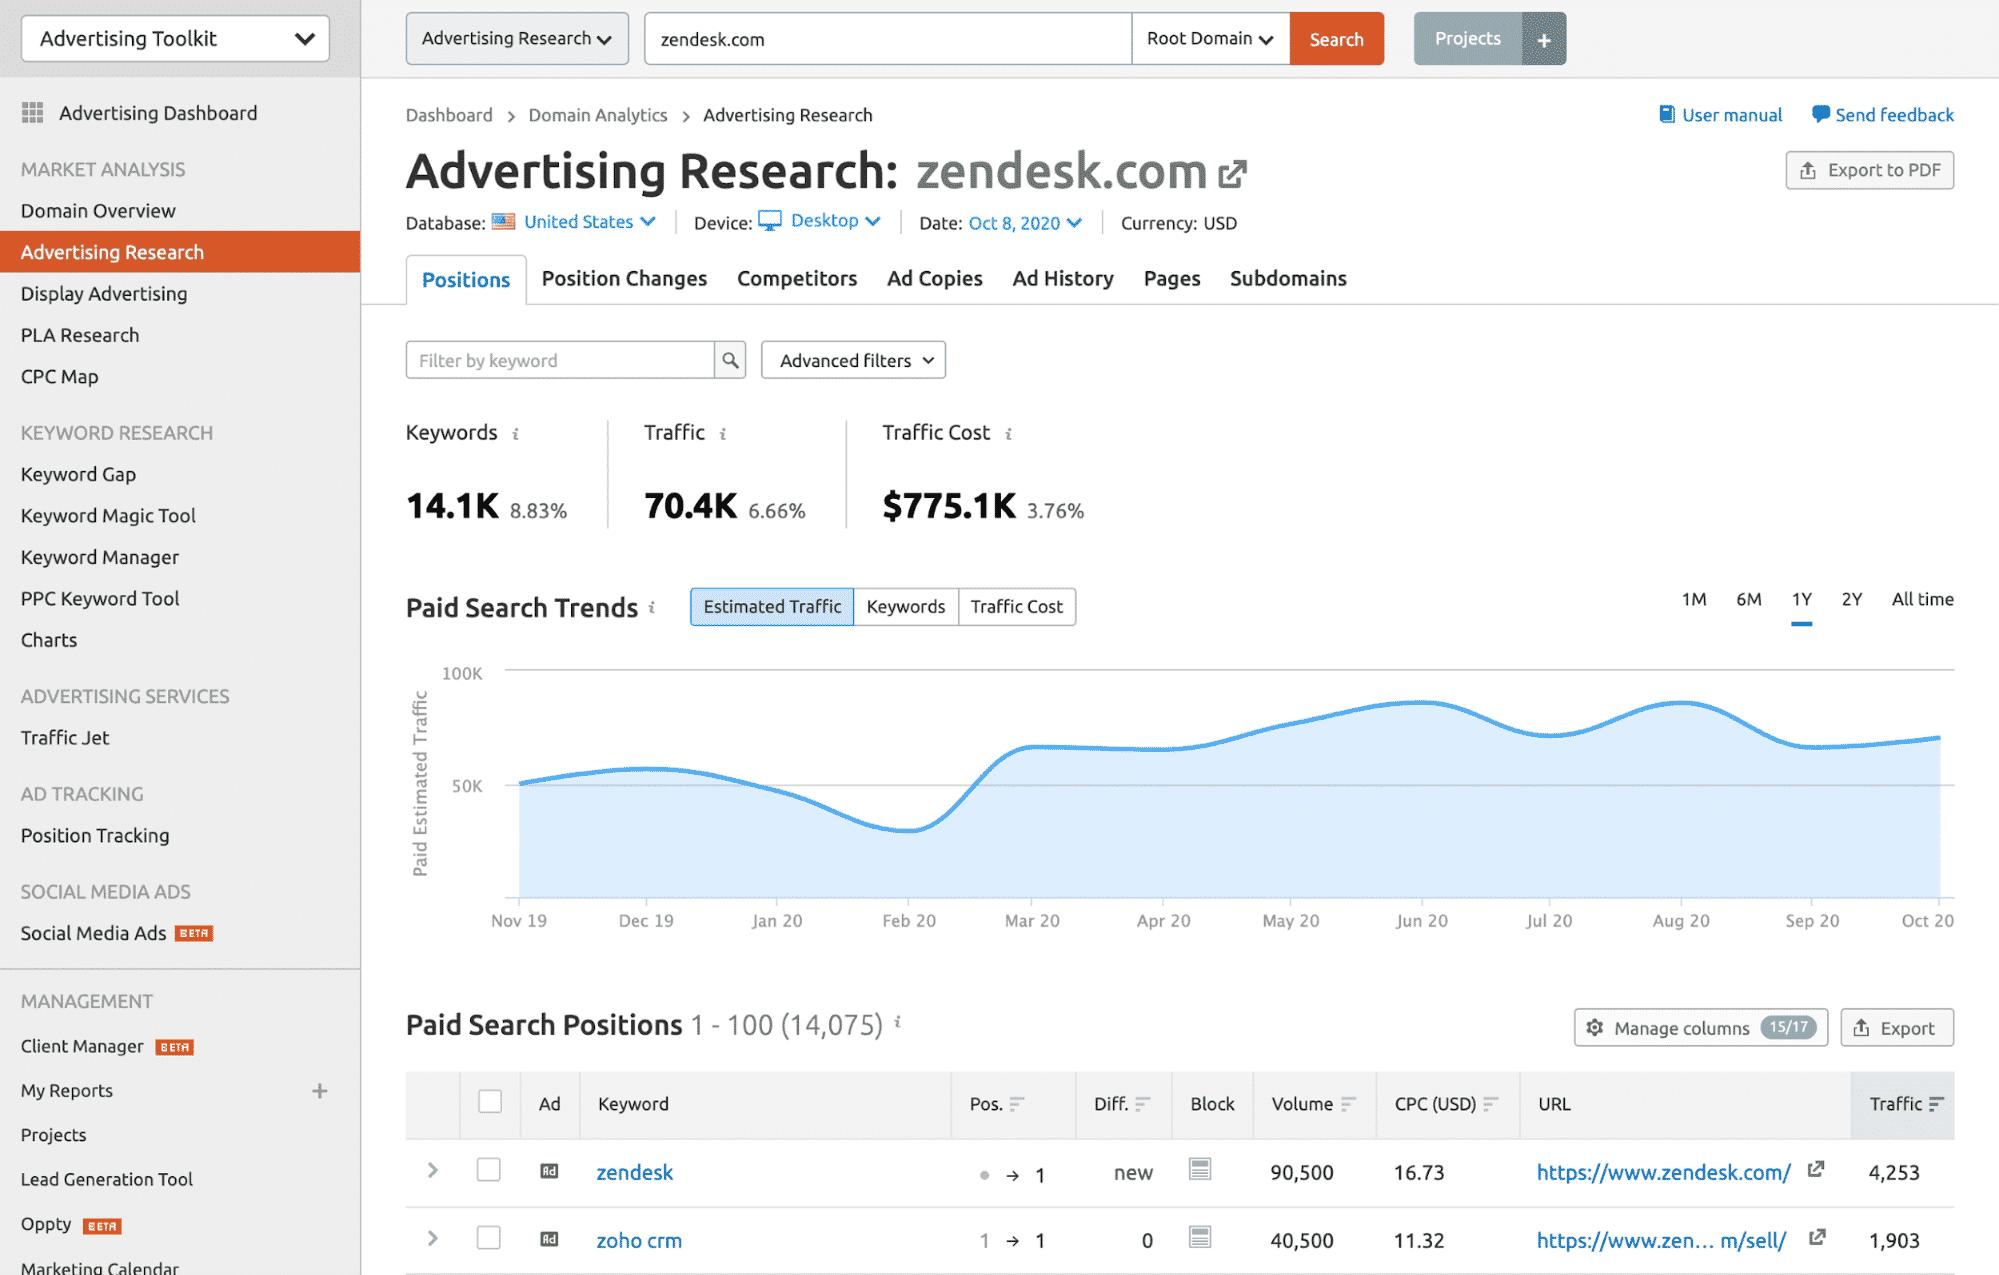 SEMrush Advertising Research report